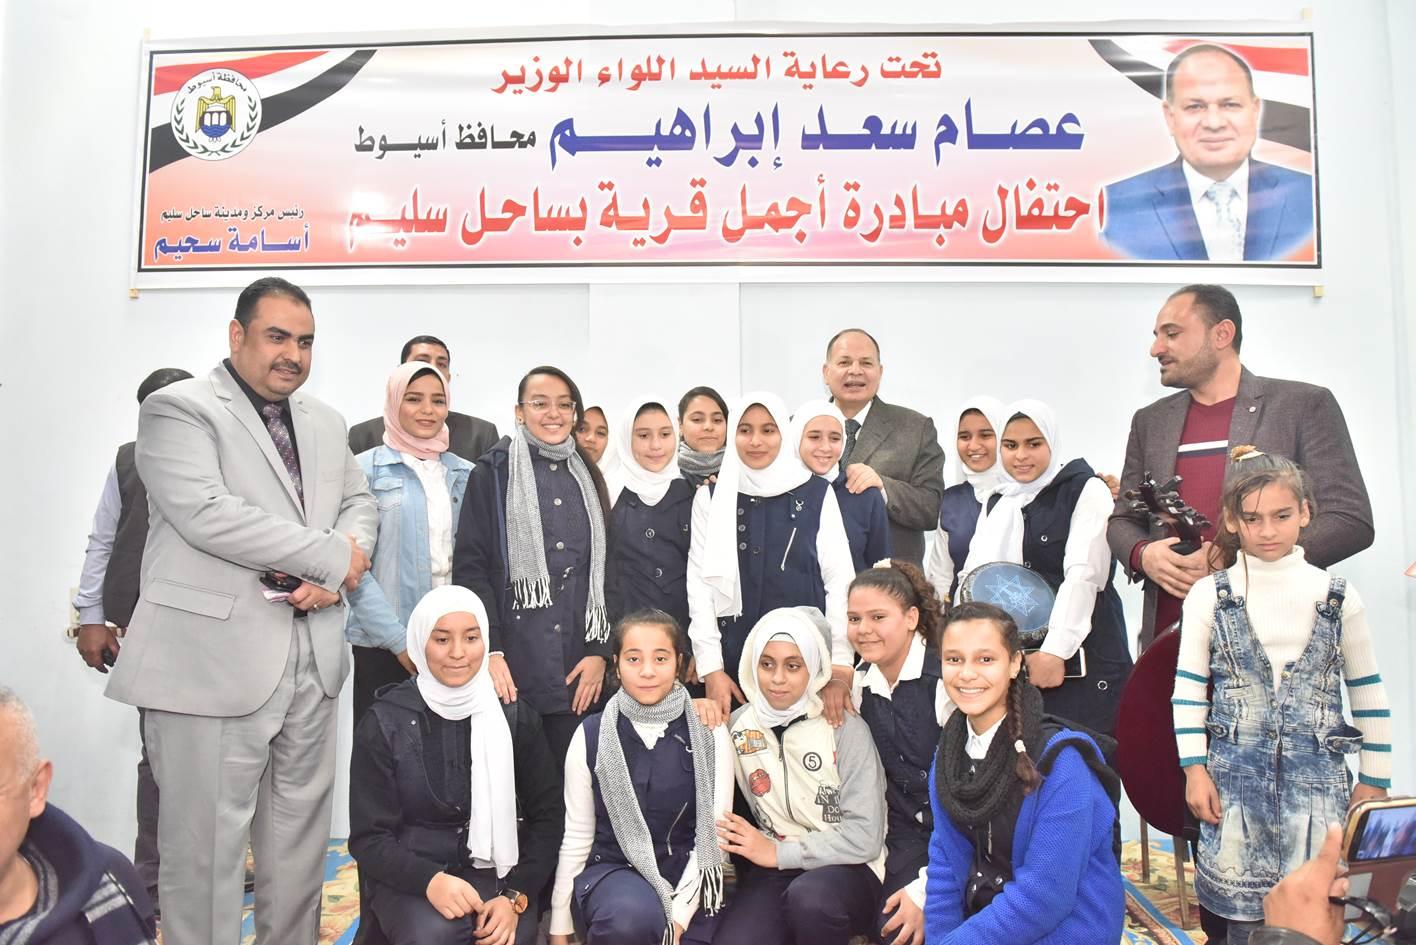 احتفالية مسابقة أجمل قرية بساحل سليم  (2)